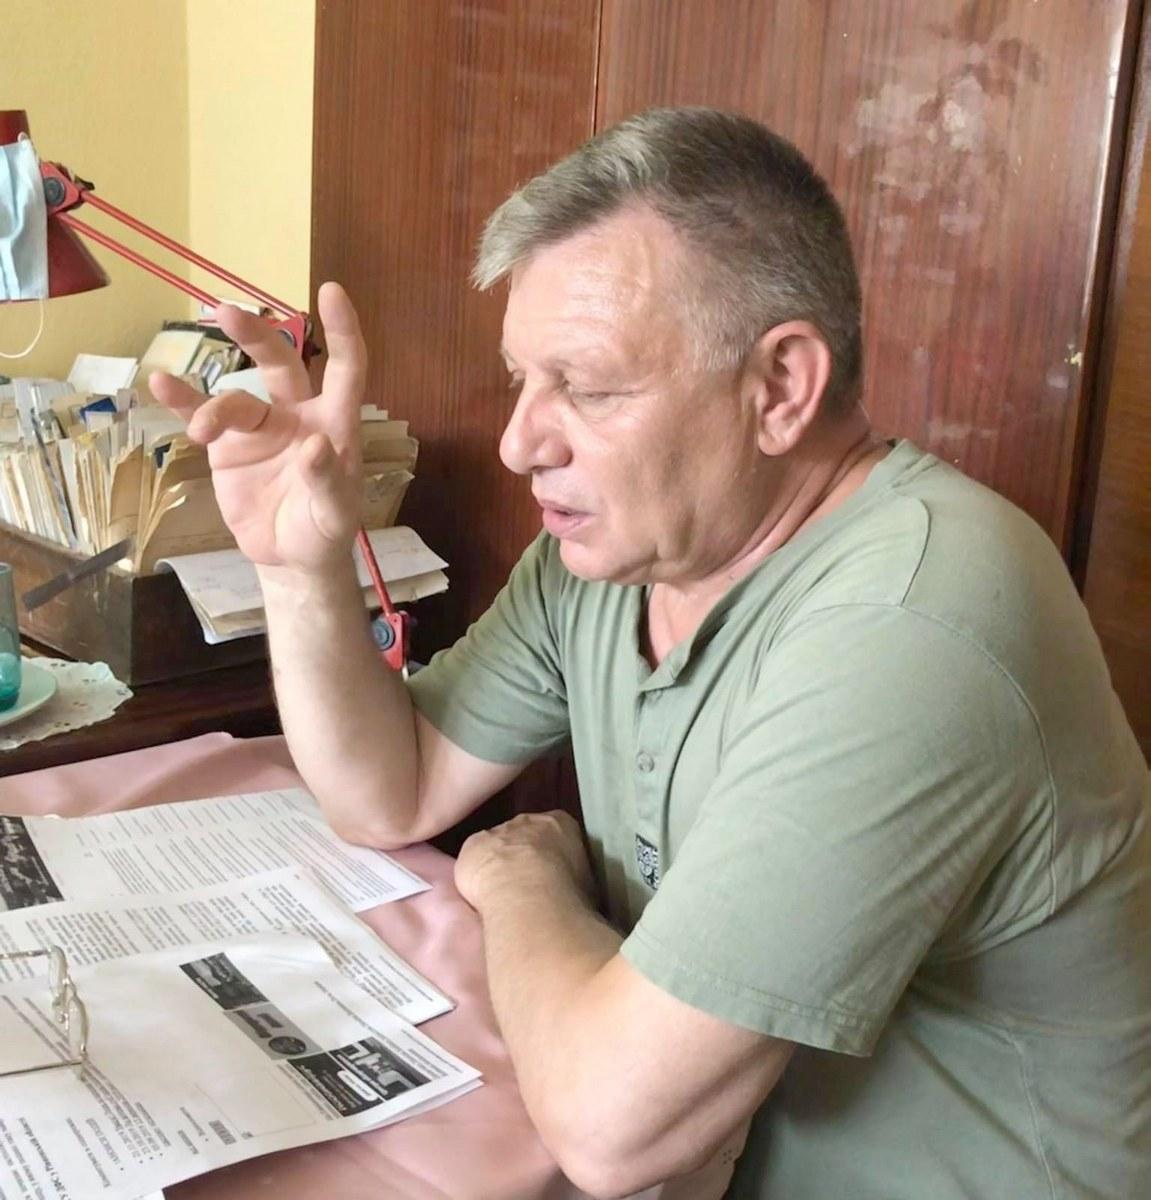 Правопросвітницька робота Білоцерківського місцевого центру серед осіб з інвалідністю. бпд, білоцерківське міське товариство інвалідів фенікс, допомога, суспільство, інвалідність